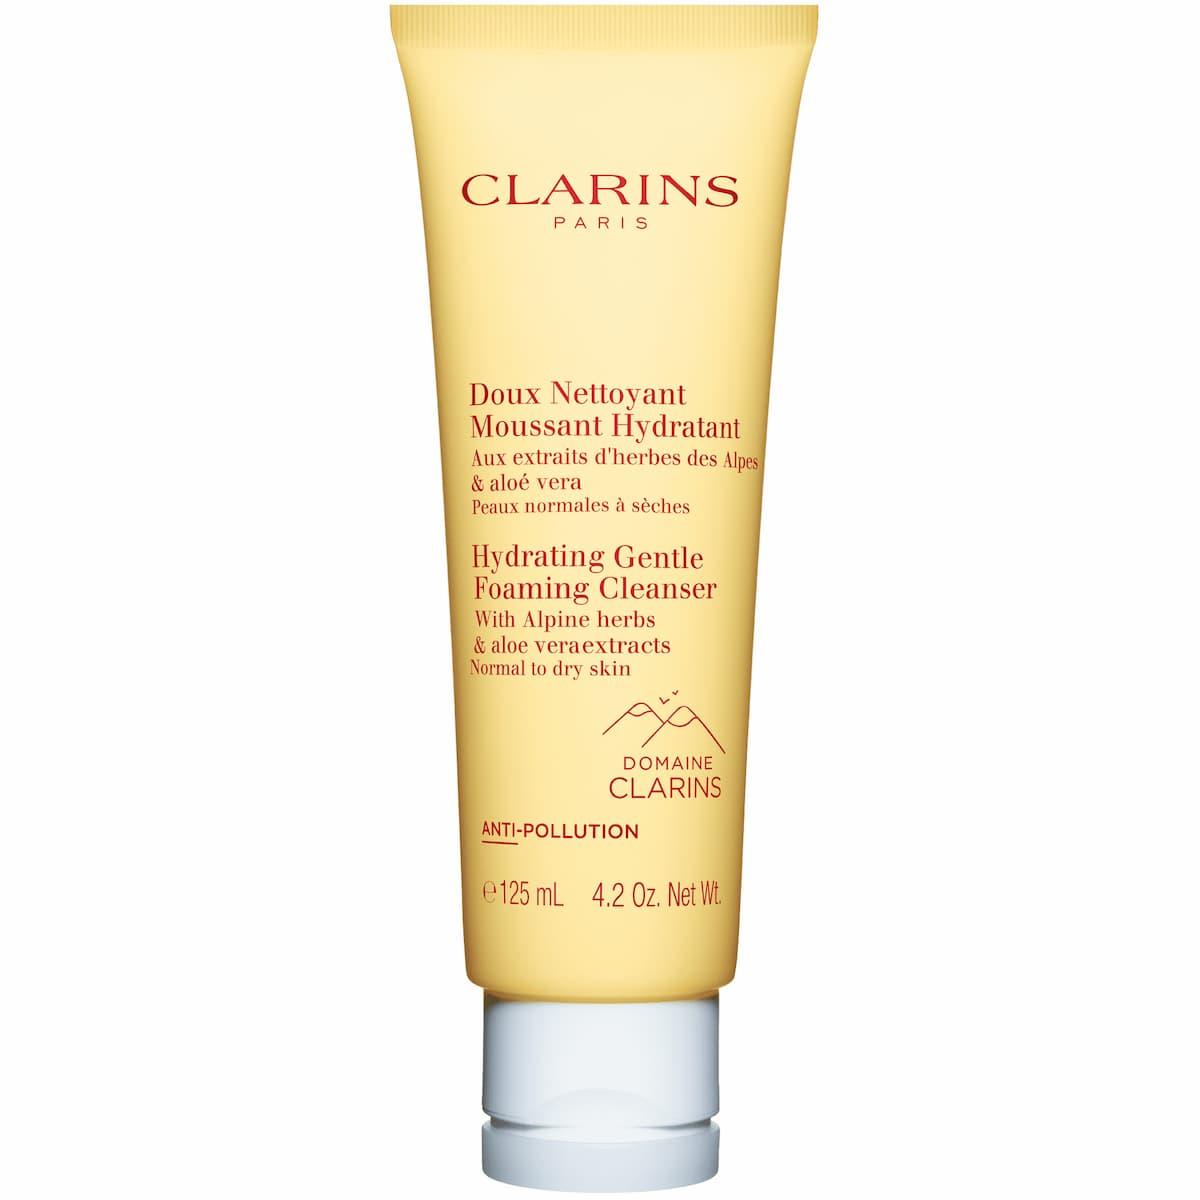 Clarins Doux Nettoyant Moussant Hydratant